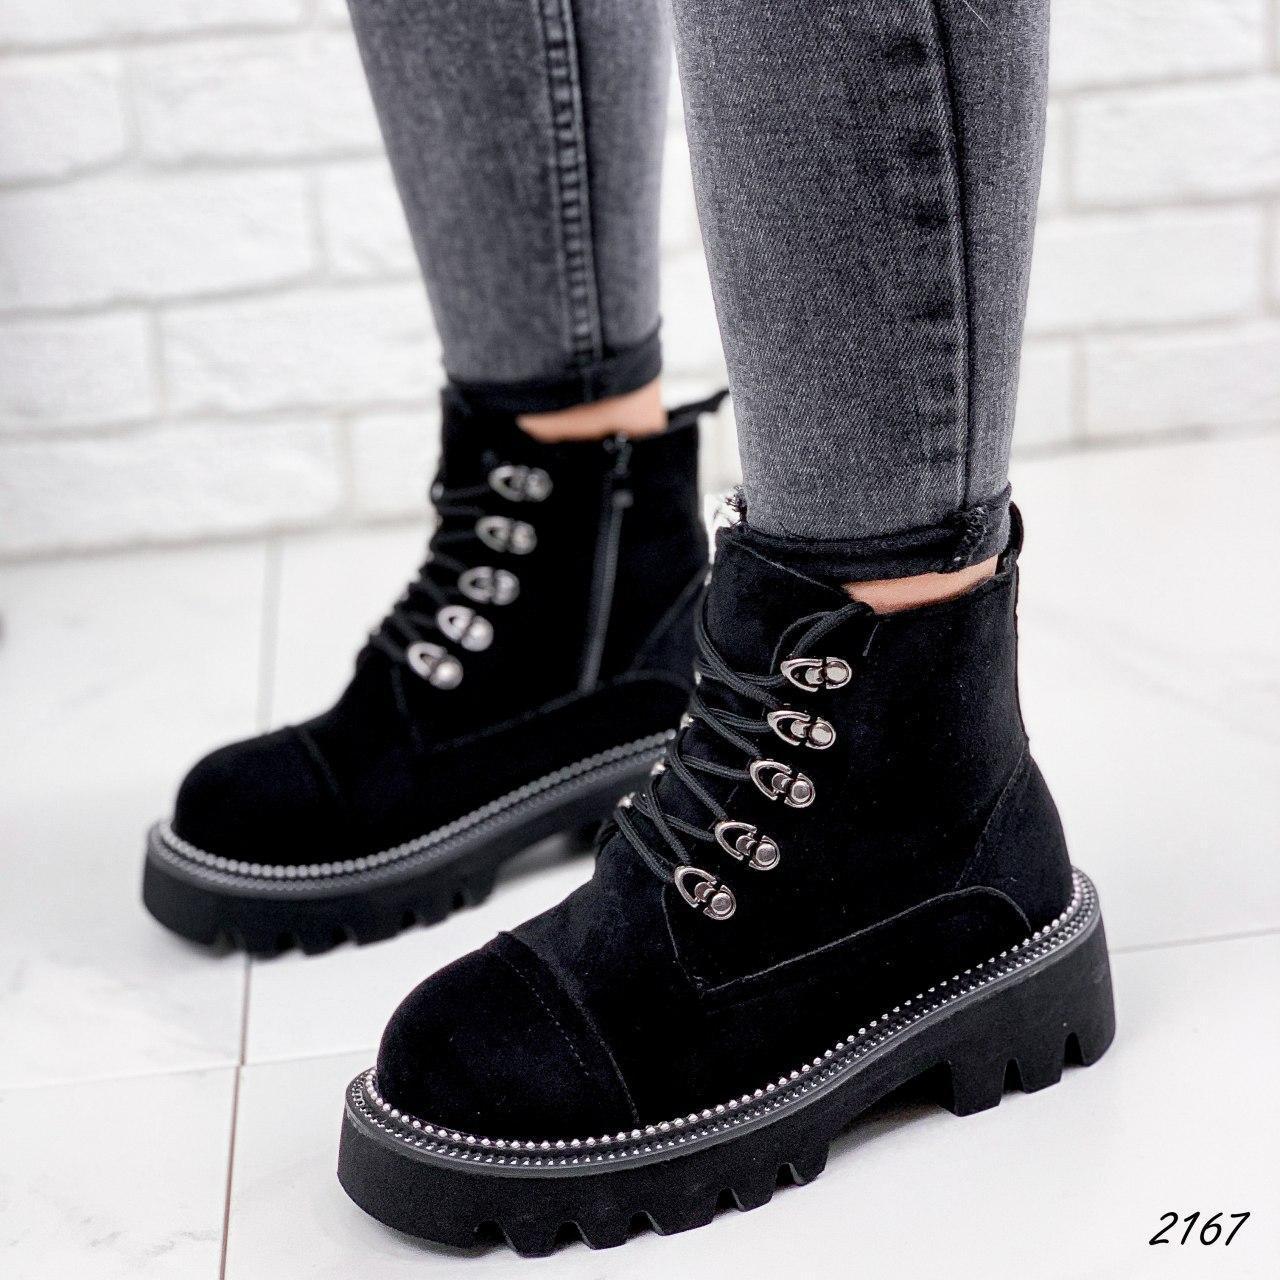 Ботинки женские черные, зимние из эко замши. Черевики жіночі теплі чорні з еко замші